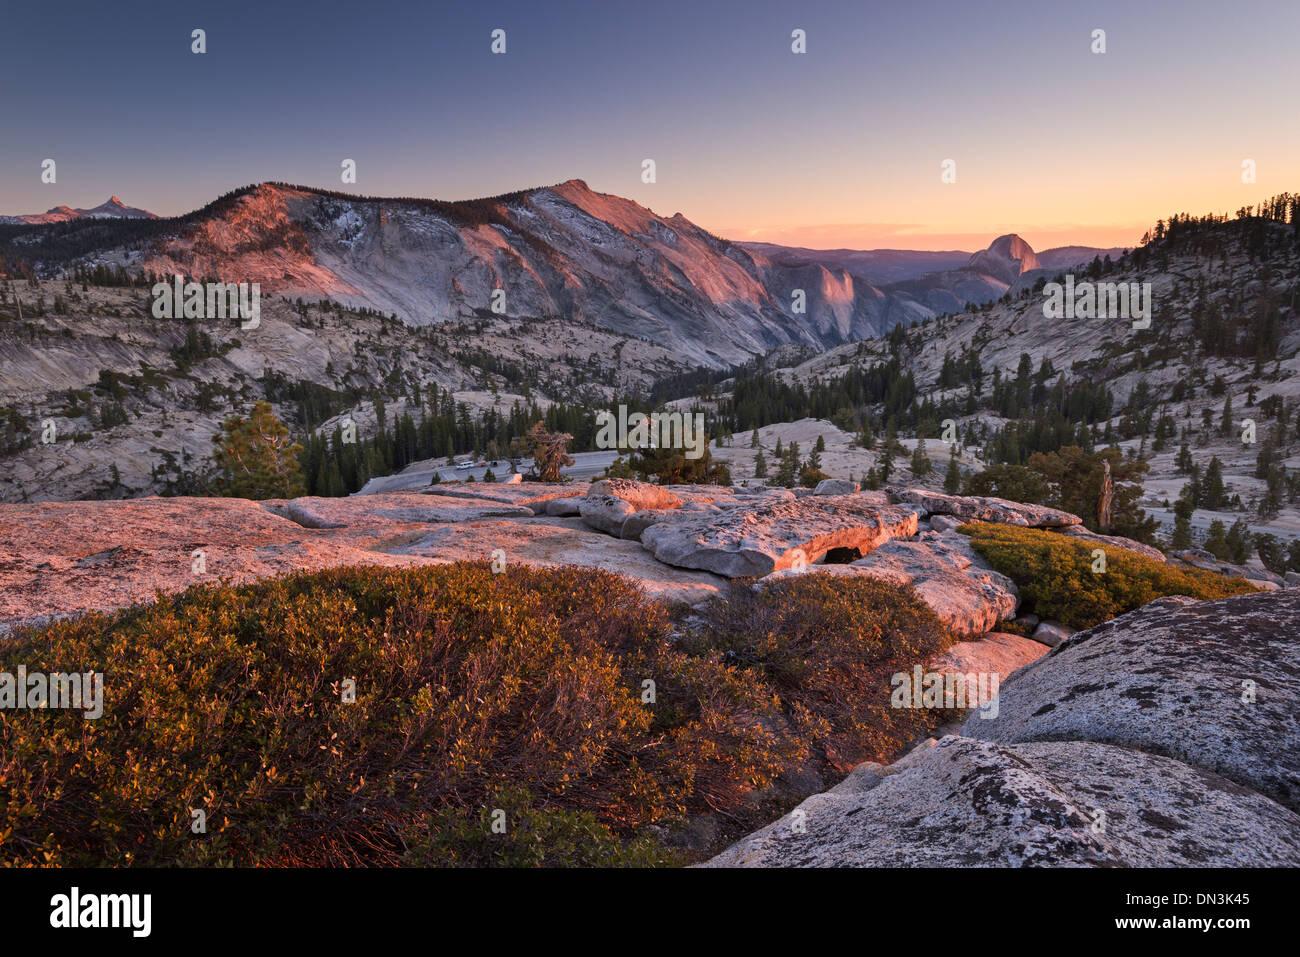 Halbe Kuppel und Clouds Rest Berge von oben Olmstead Punkt, Yosemite-Nationalpark, Kalifornien, USA. Herbst (Oktober) 2013. Stockbild